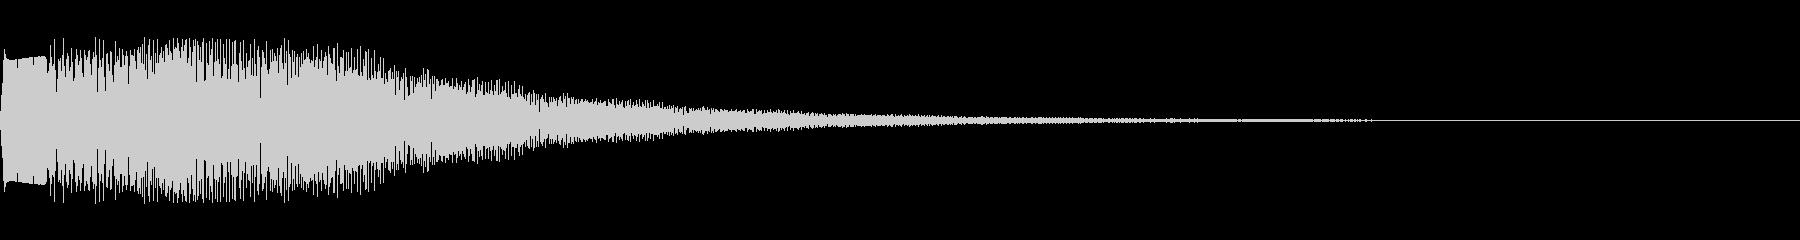 ポワポワした場面転換 電子音の未再生の波形